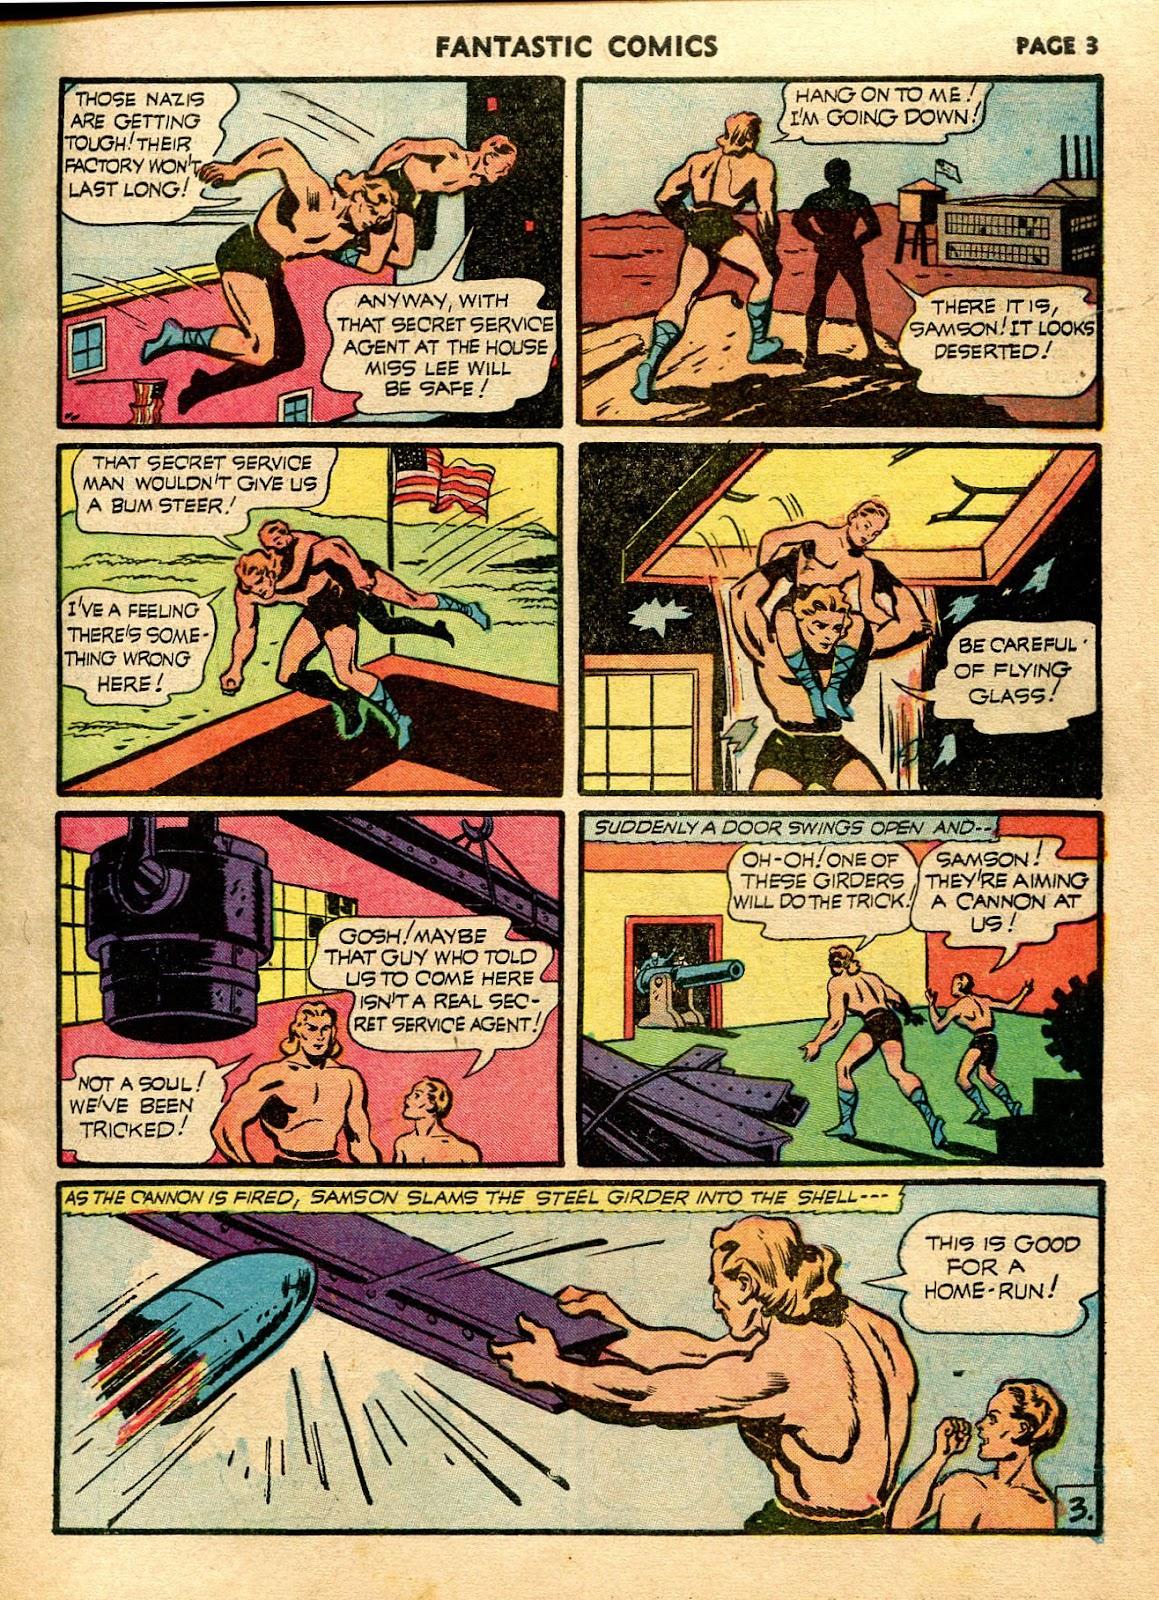 Read online Fantastic Comics comic -  Issue #21 - 5